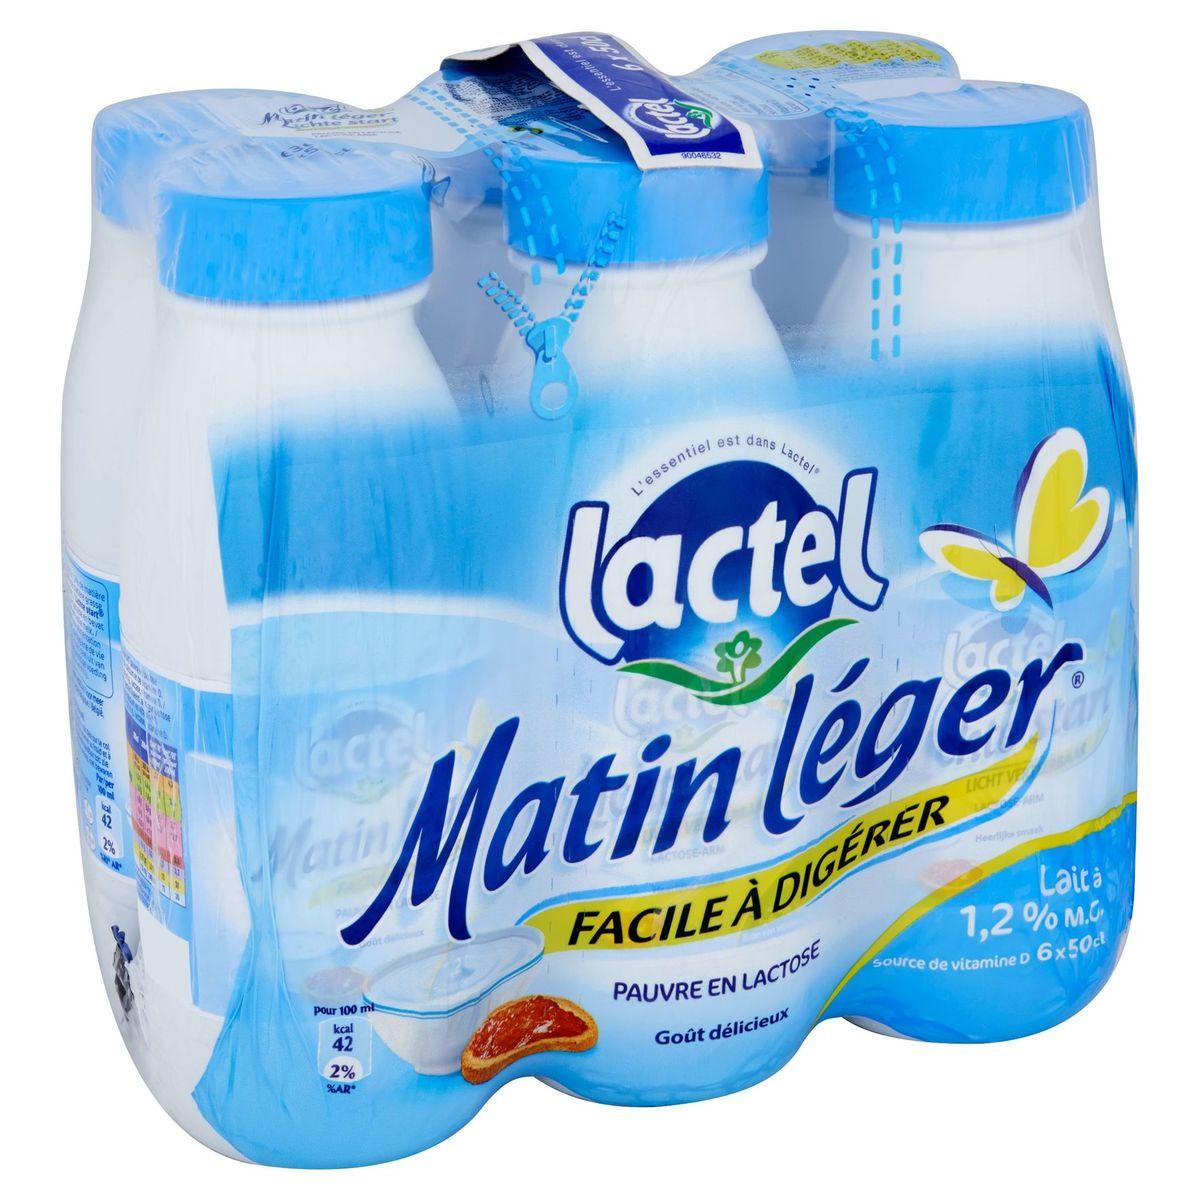 Lactel Matin Léger Lait à 1.2% M.G. 6 x 50 cl